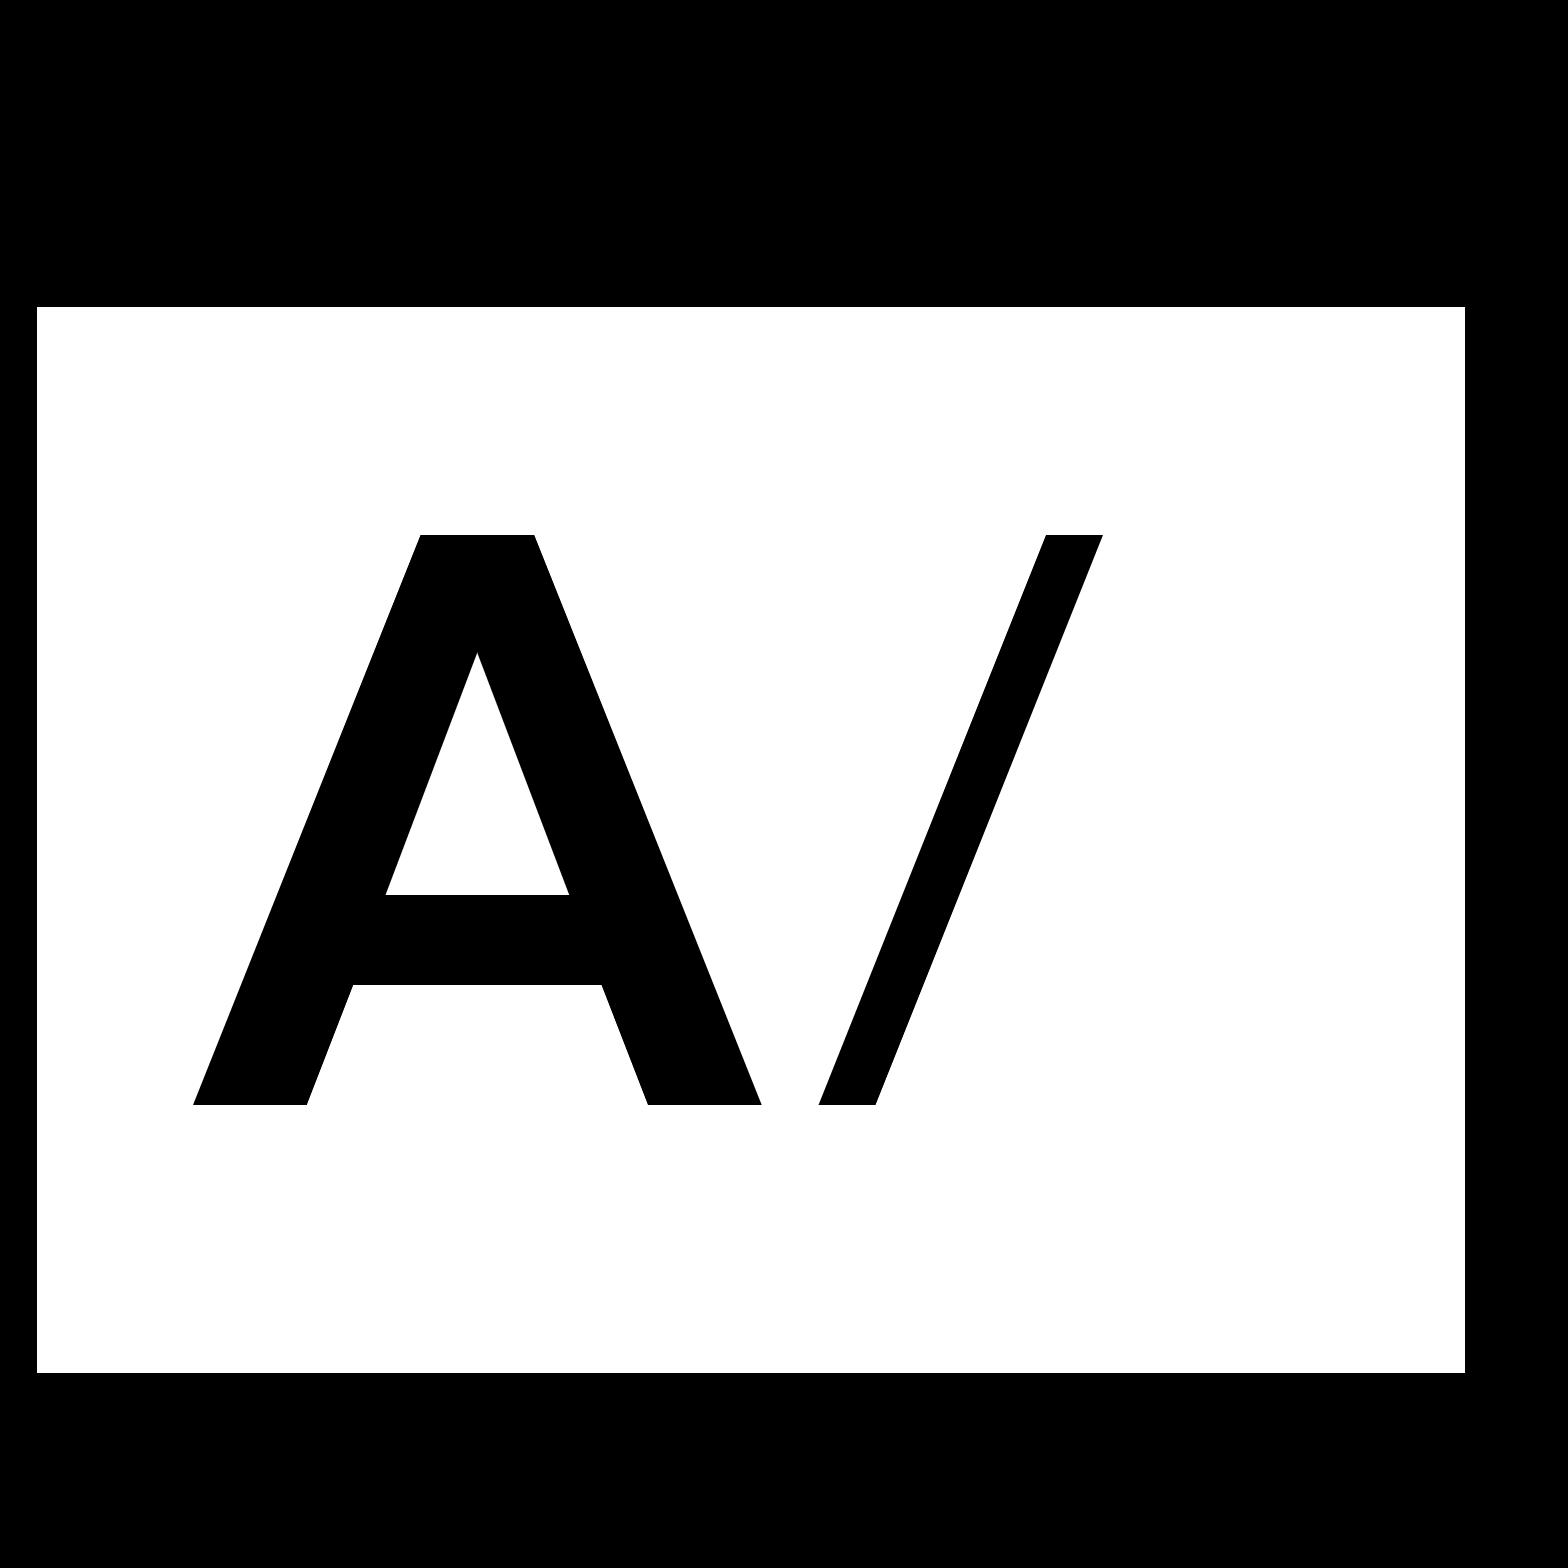 AREA 17